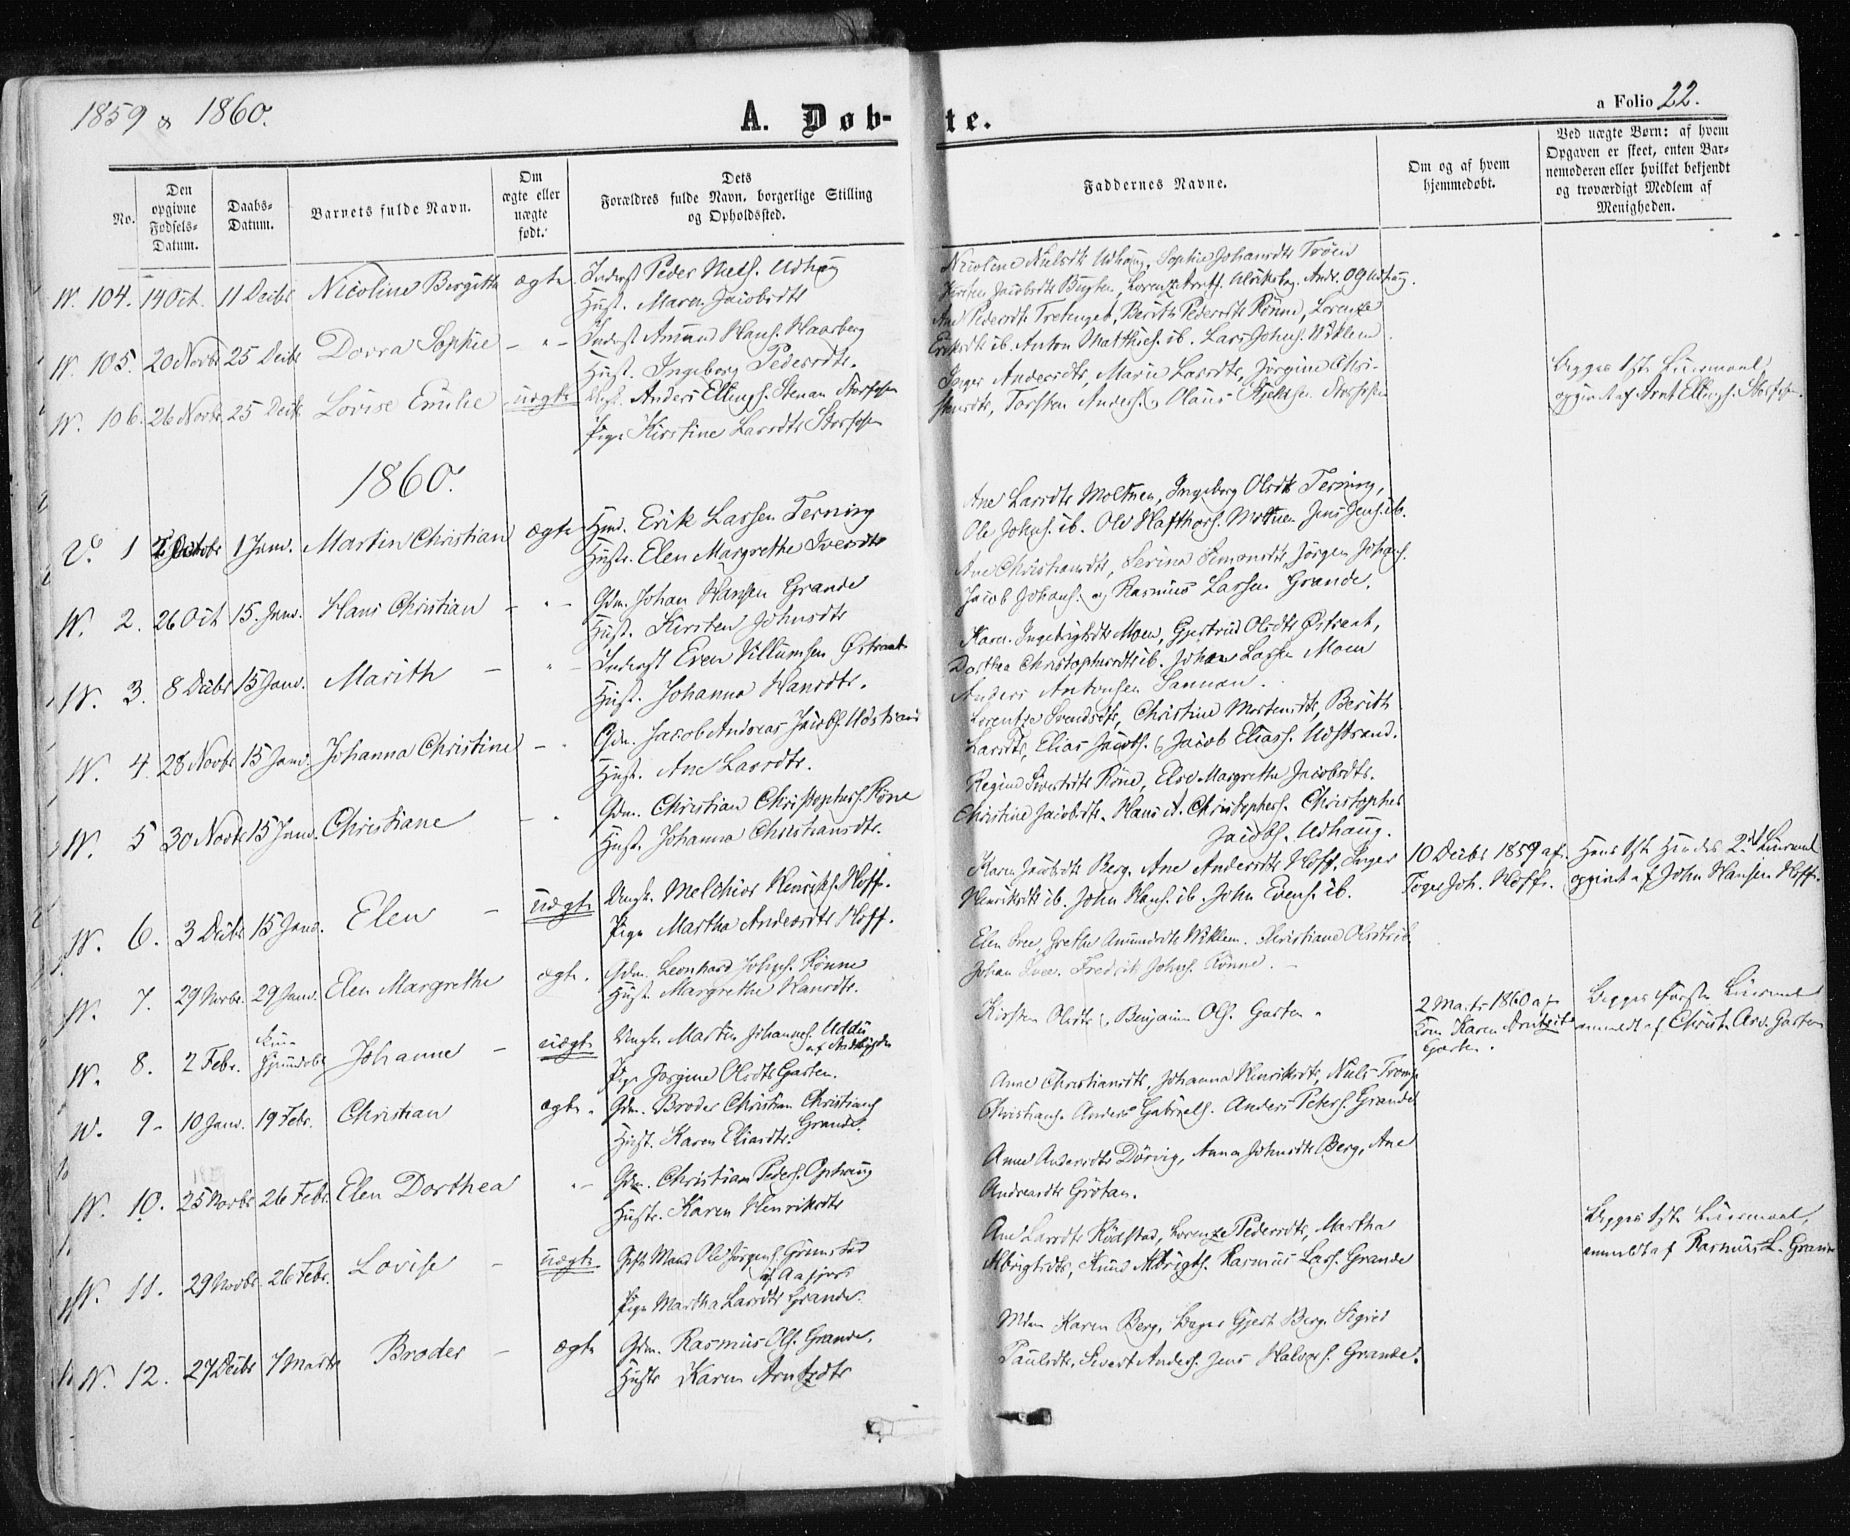 SAT, Ministerialprotokoller, klokkerbøker og fødselsregistre - Sør-Trøndelag, 659/L0737: Ministerialbok nr. 659A07, 1857-1875, s. 22